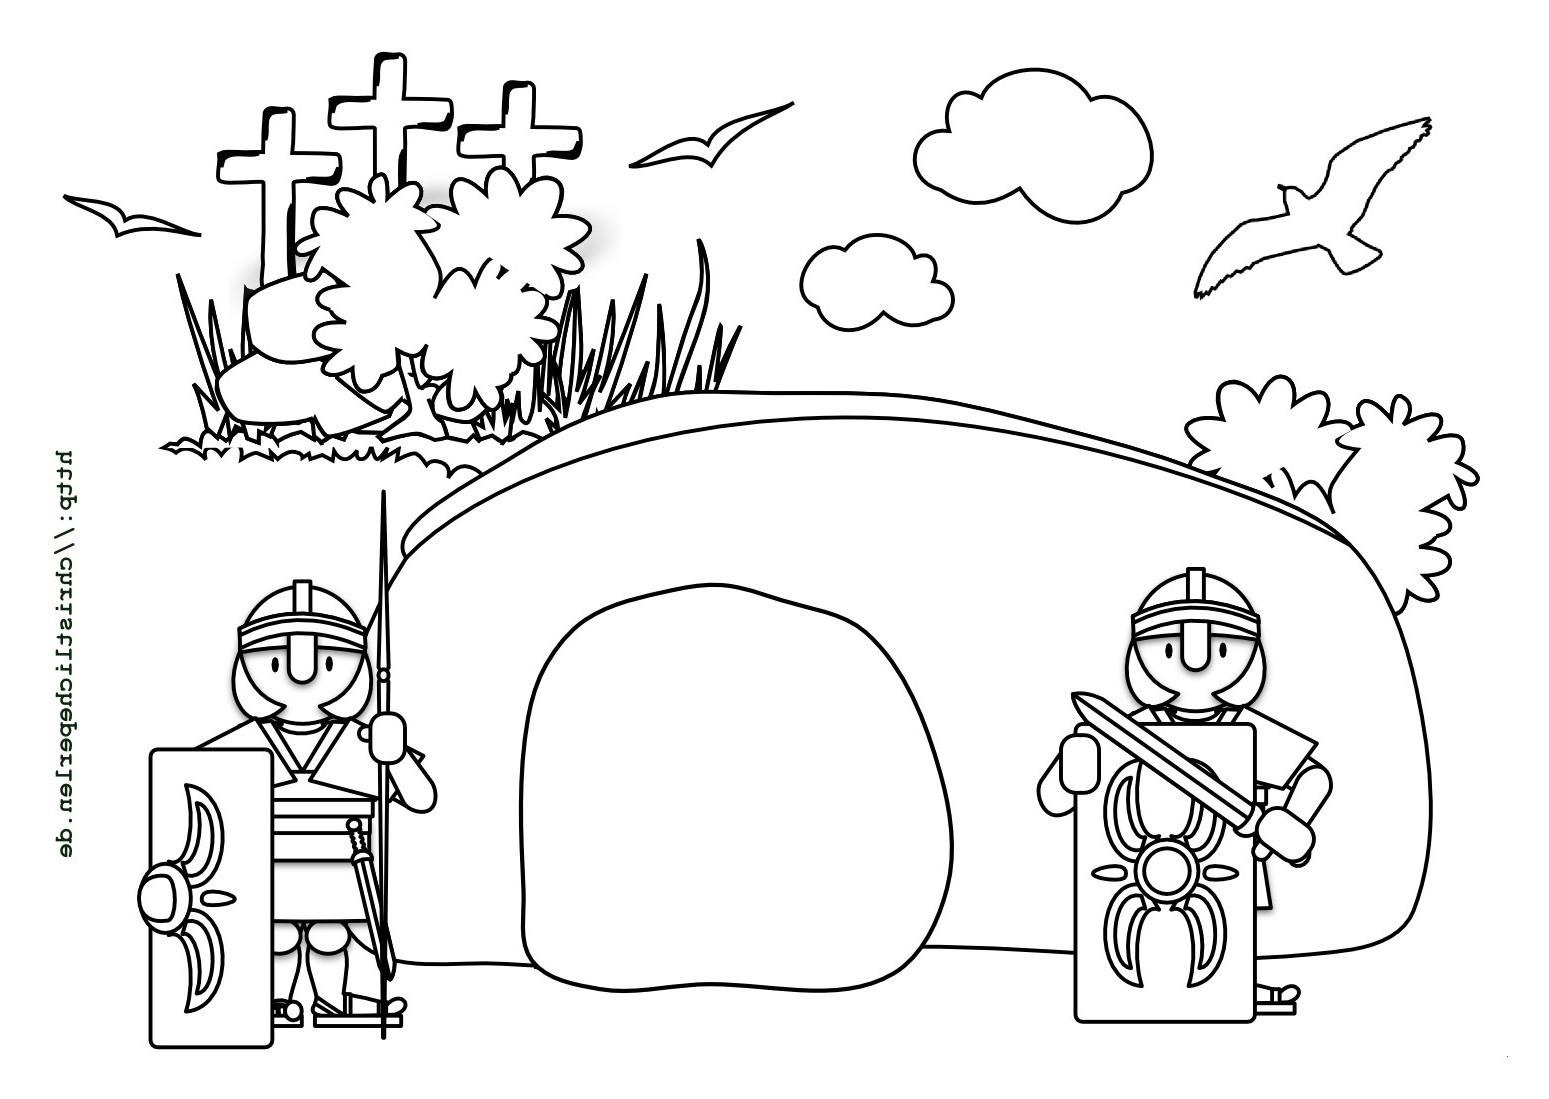 Ostereier Ausmalbilder Zum Ausdrucken Frisch 43 Frisch Ausmalbilder Osterei – Große Coloring Page Sammlung Bilder